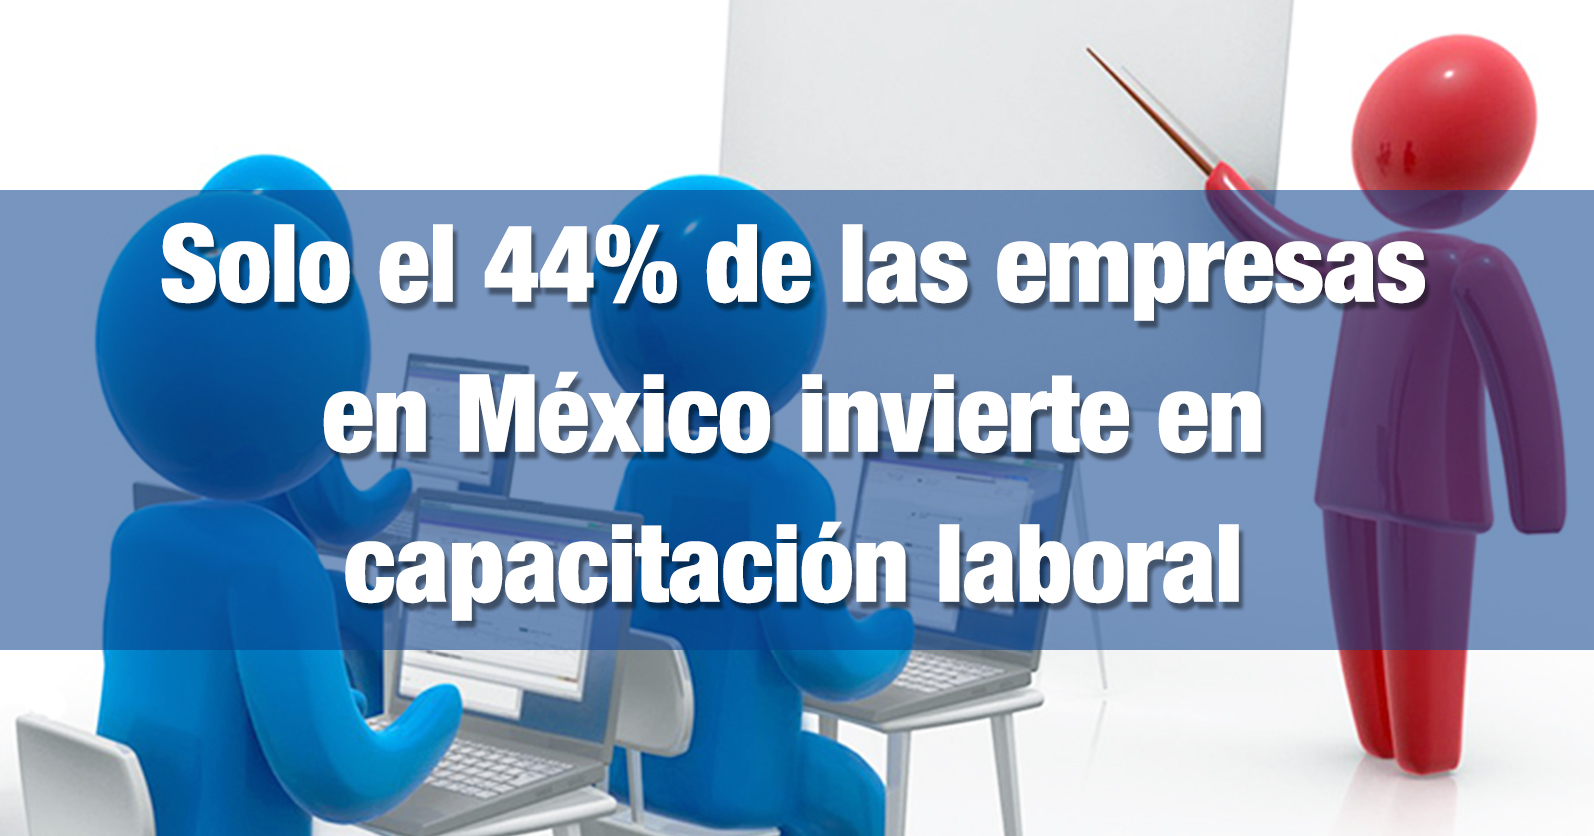 Solo el 44% de las empresas en México invierte en capacitación laboral